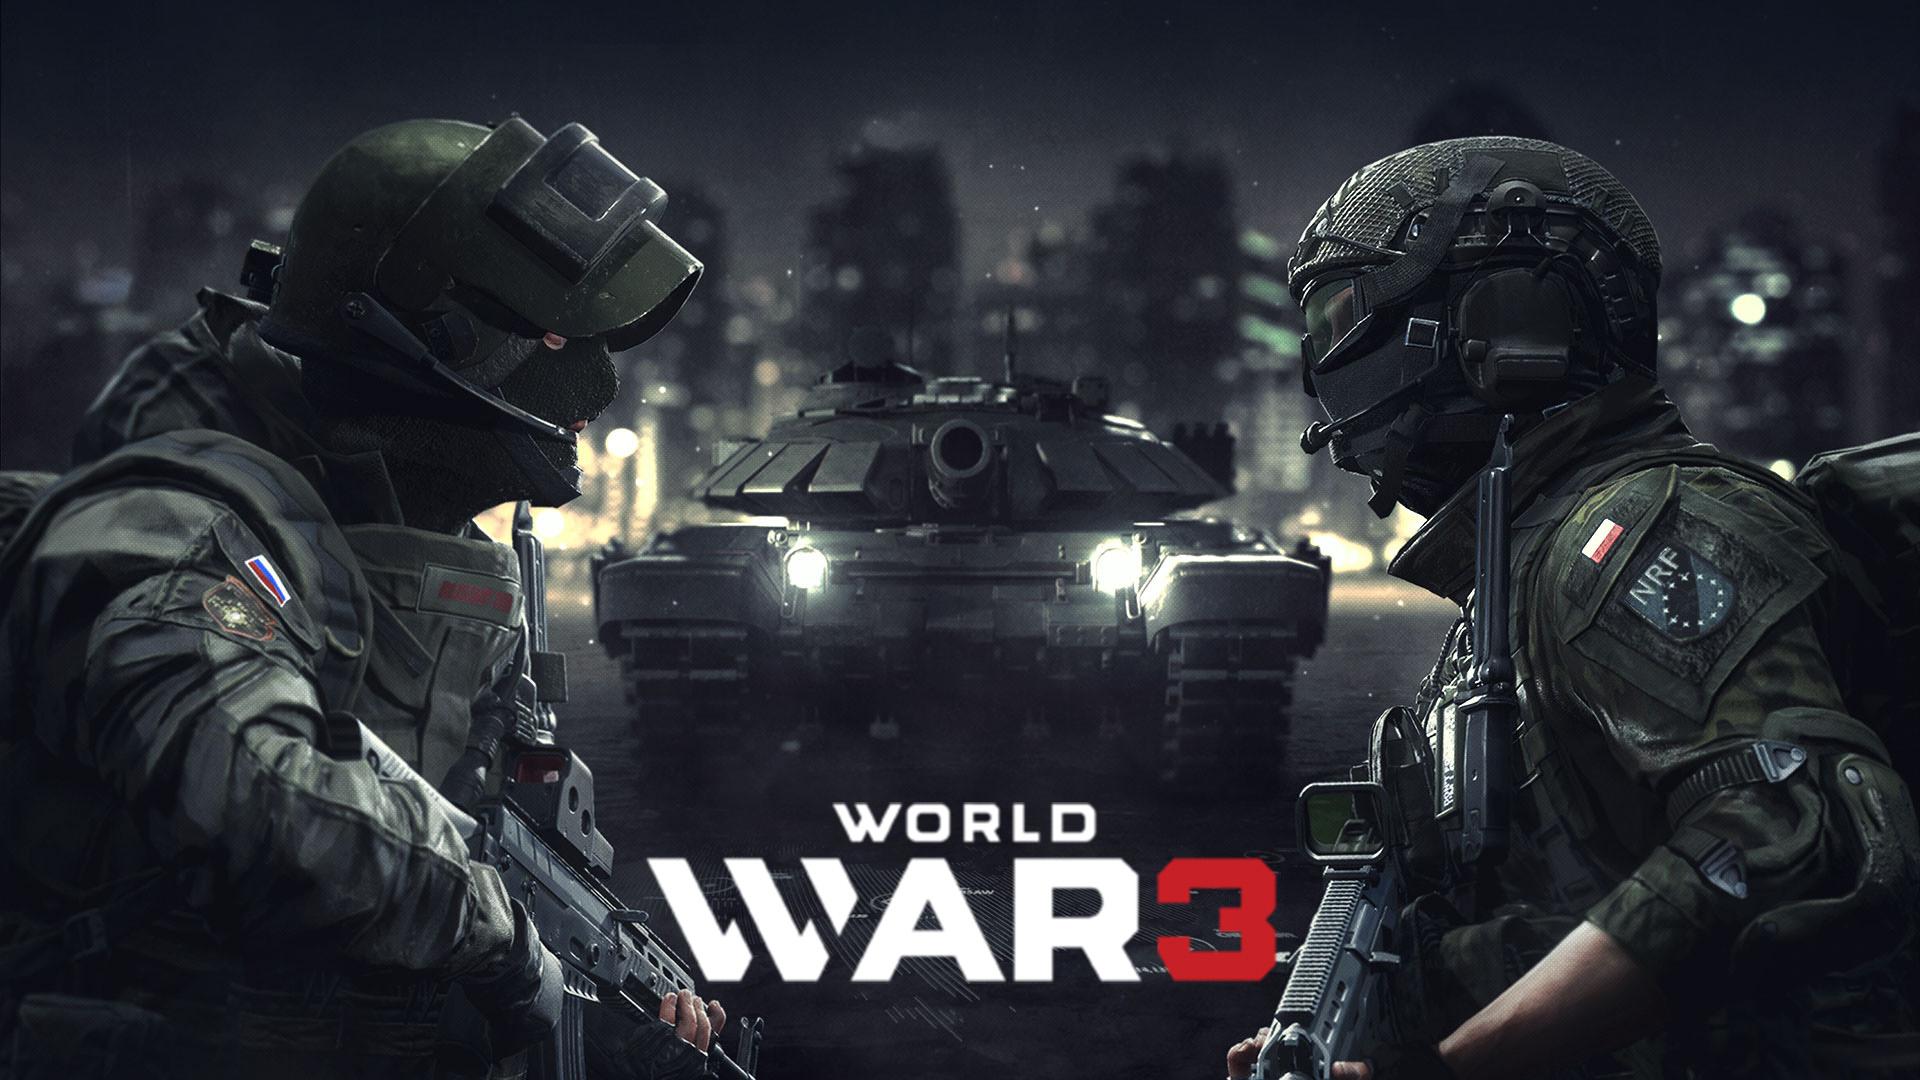 World War 3 se perfila como la nueva esperanza en el género de los shooter